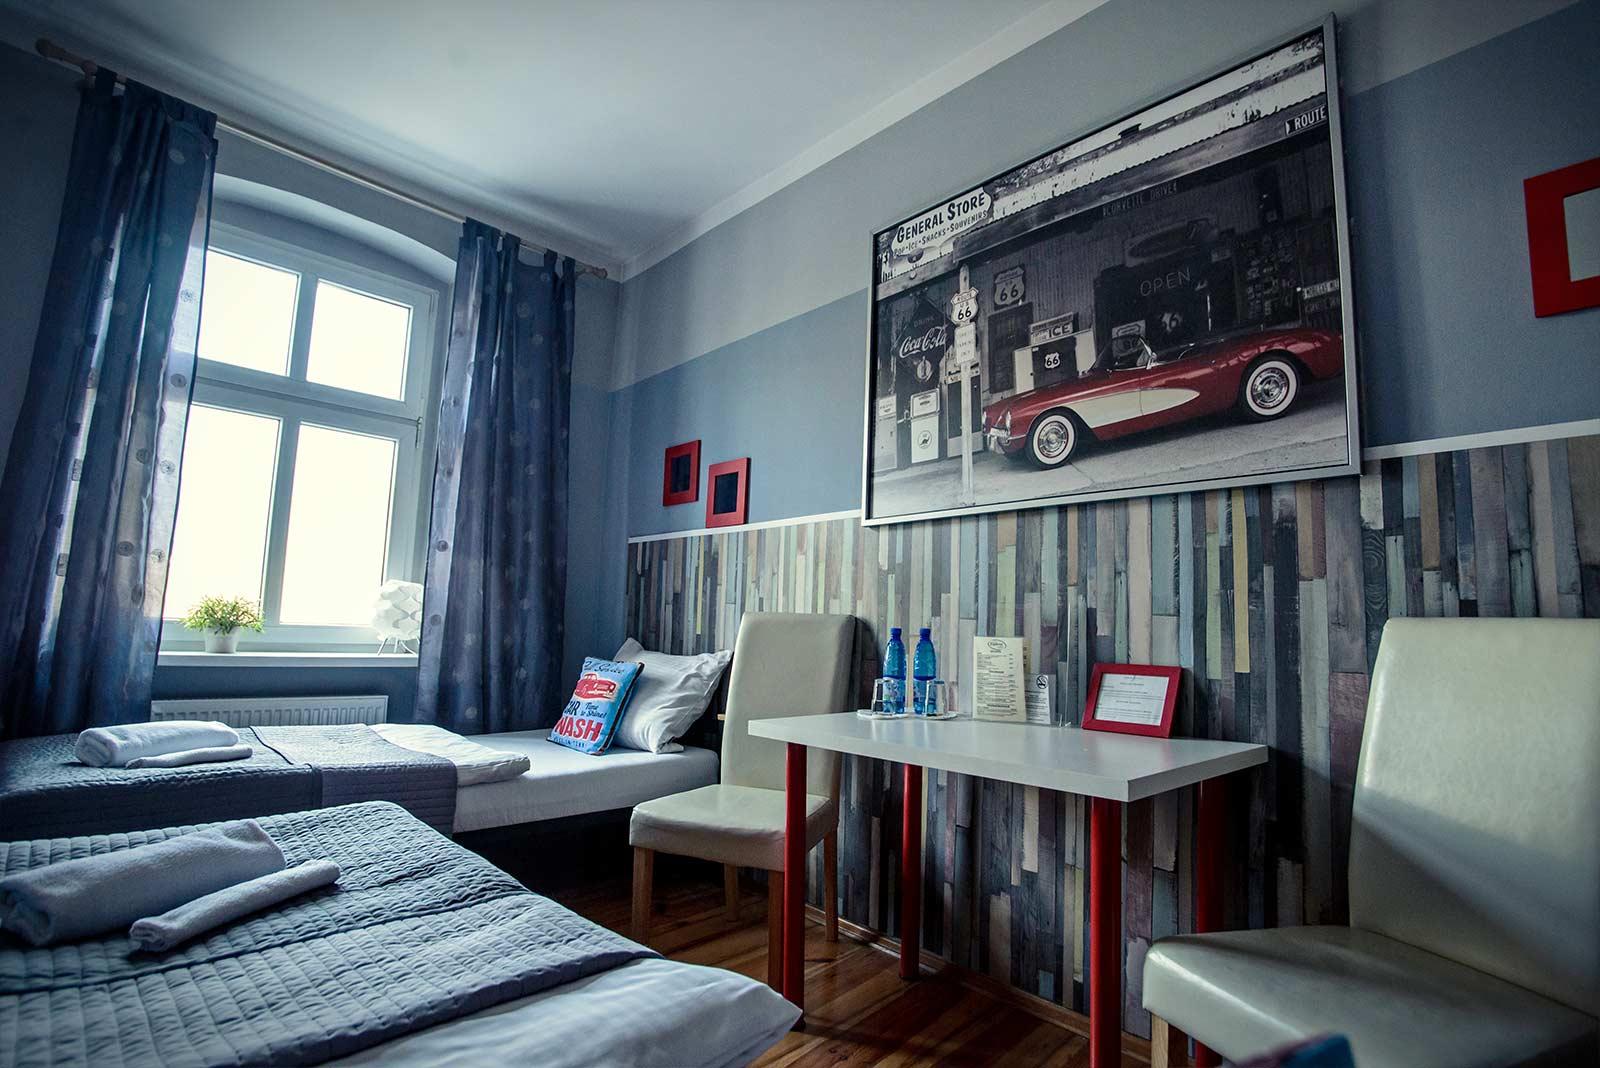 Pokoj typu apartament2